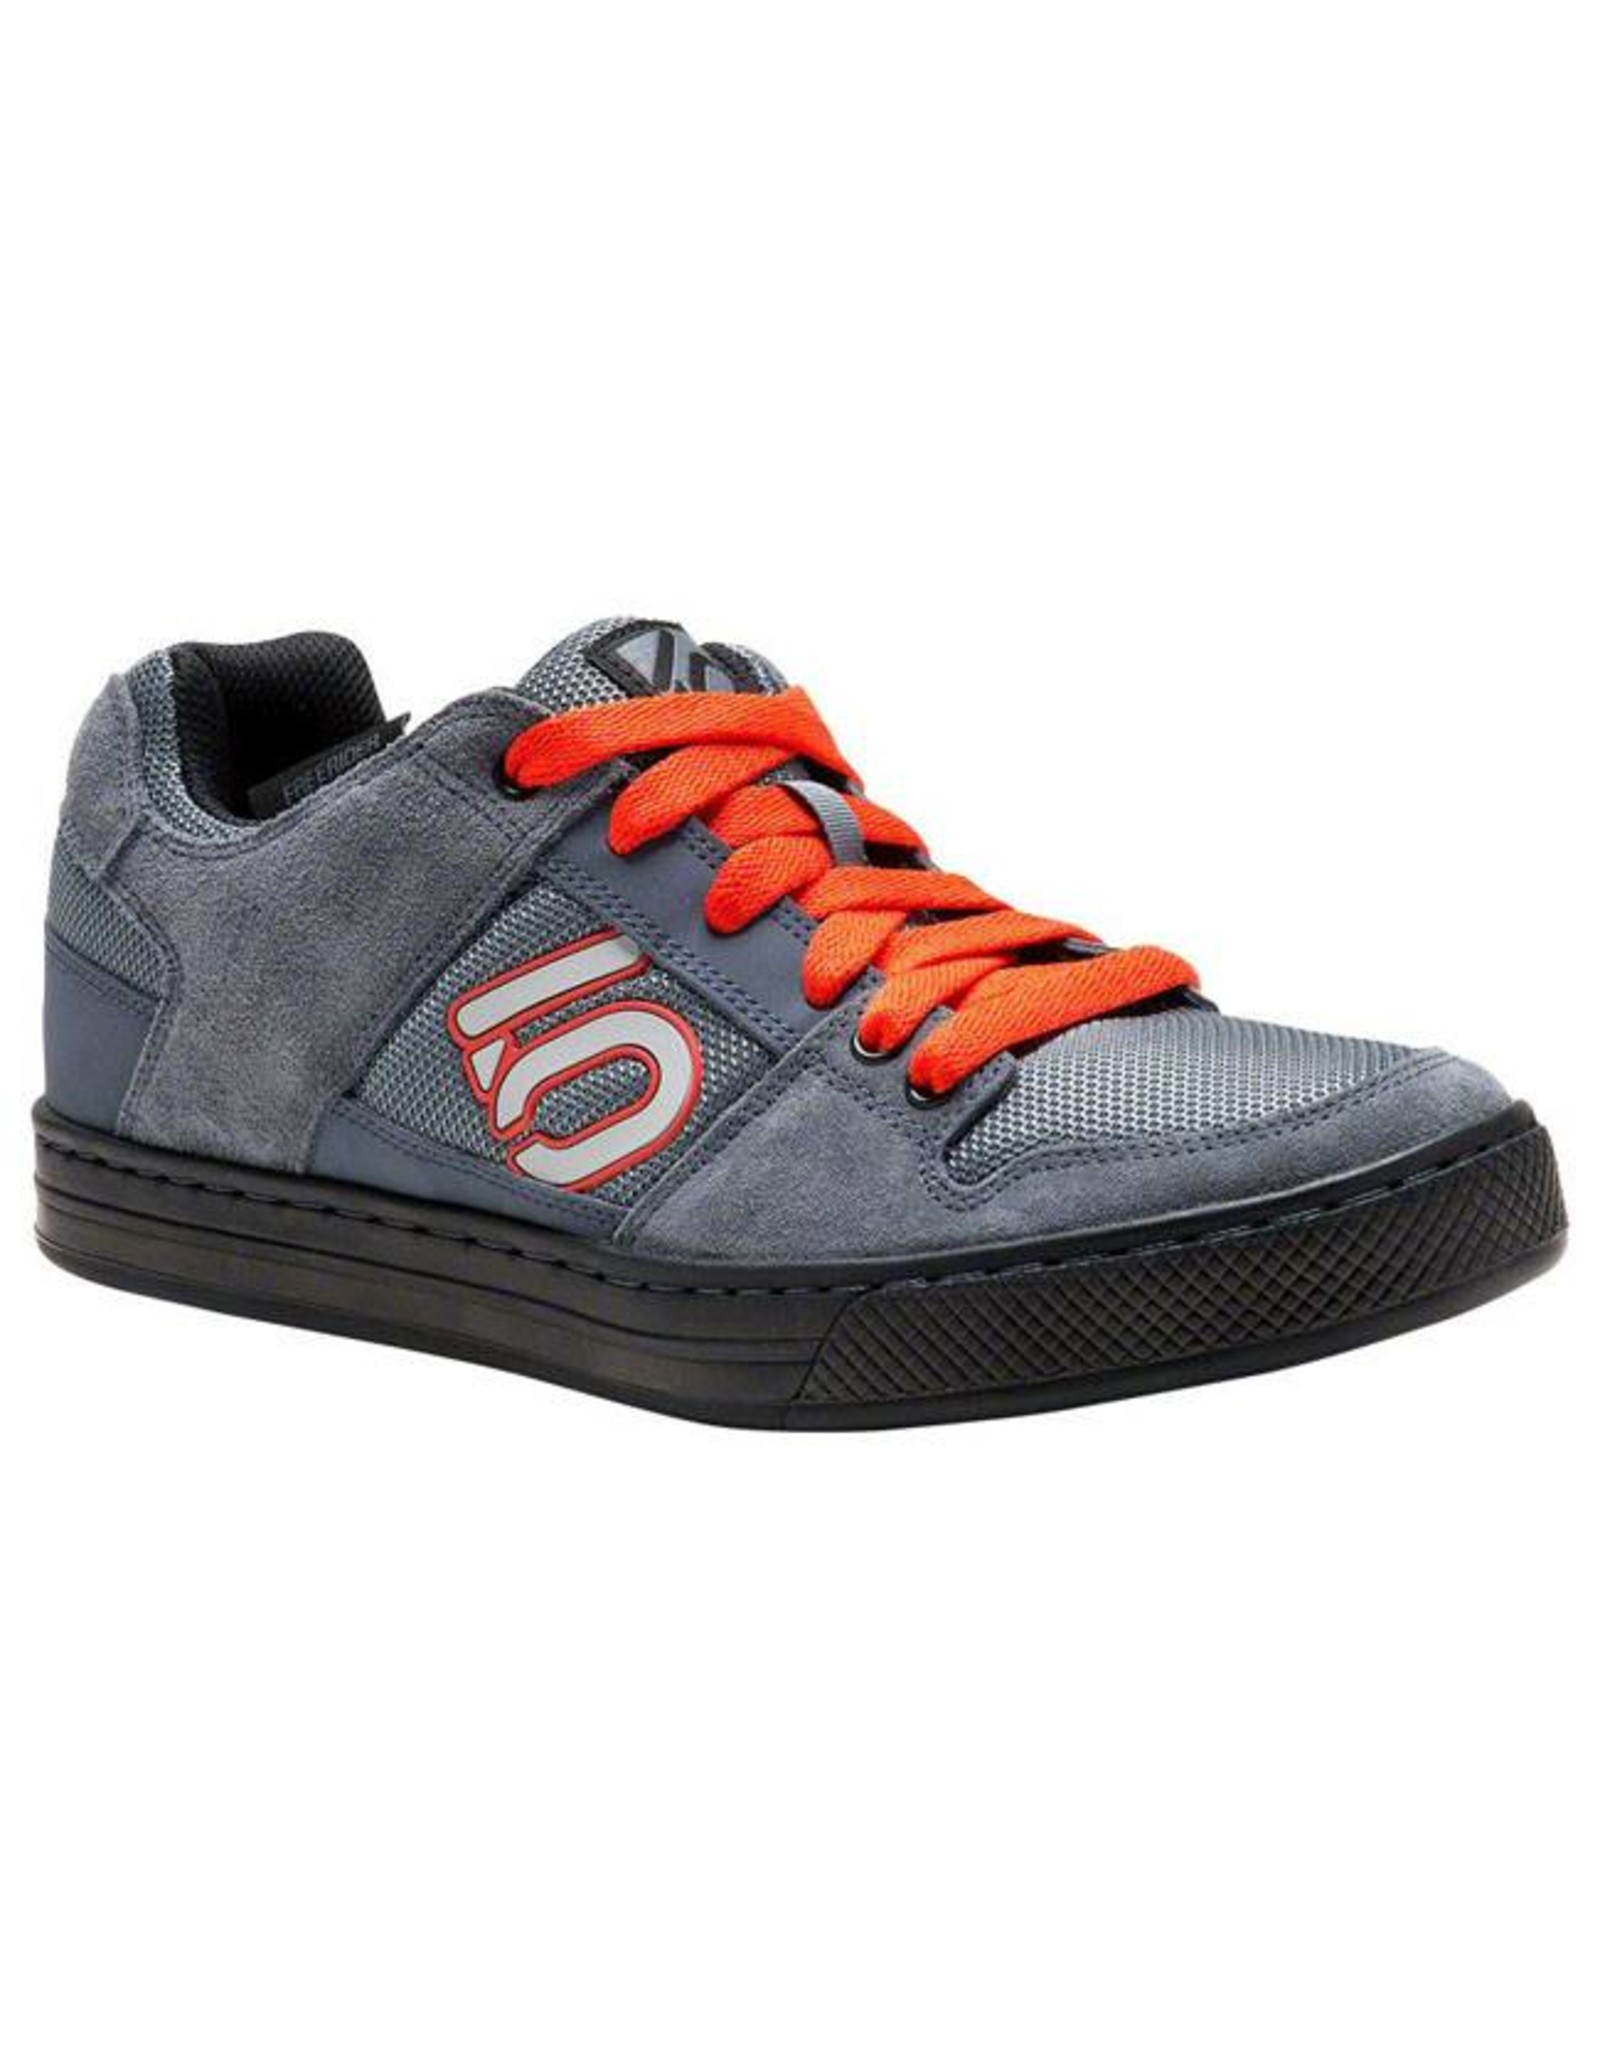 Five Ten Five Ten Freerider Men's Flat Pedal Shoe: Gray/Orange 10